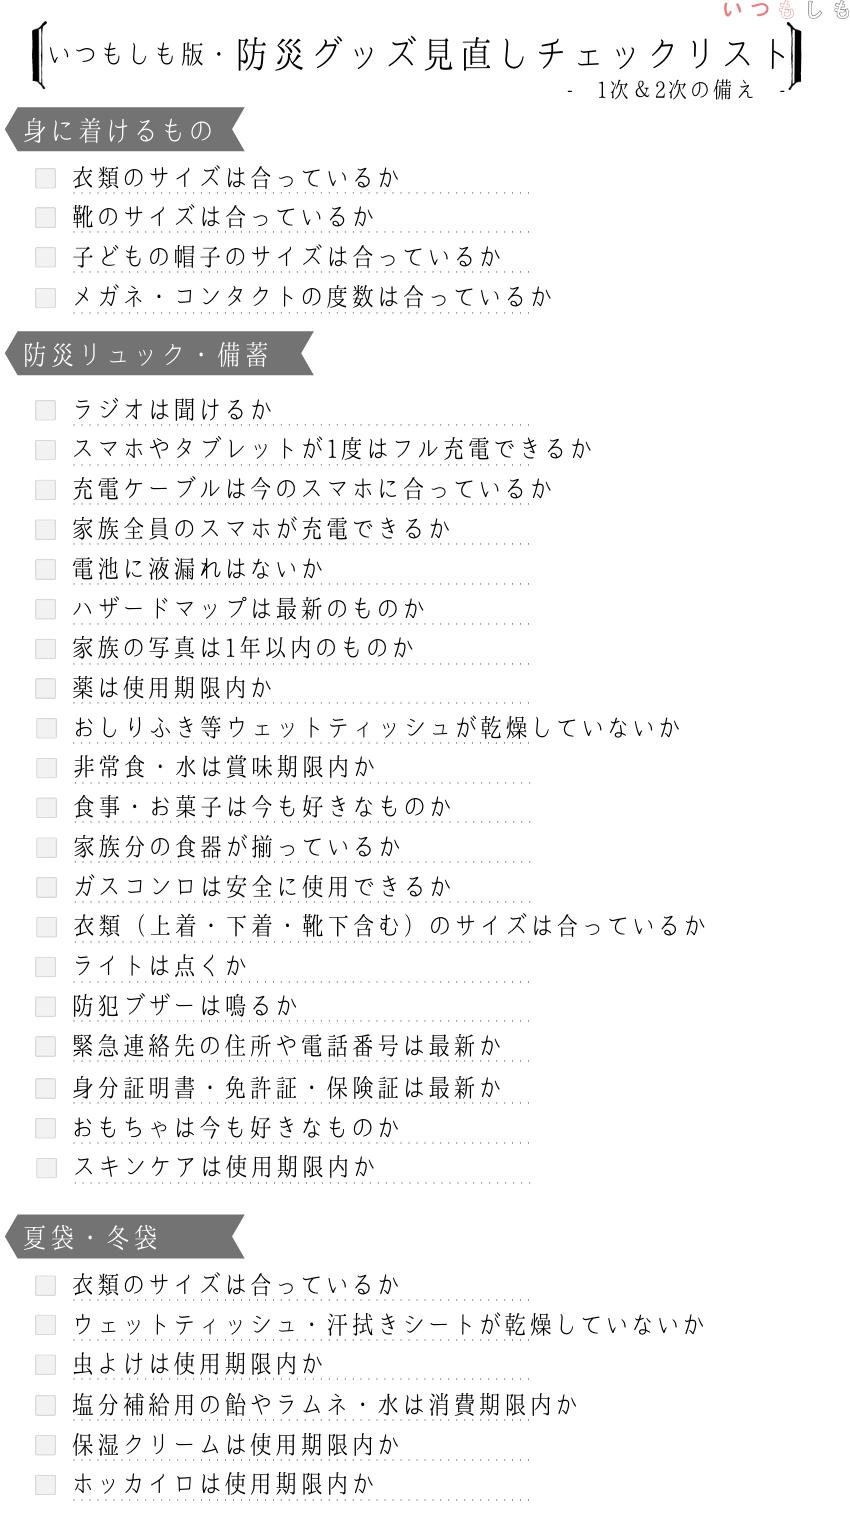 見直しチェックリスト_1.0